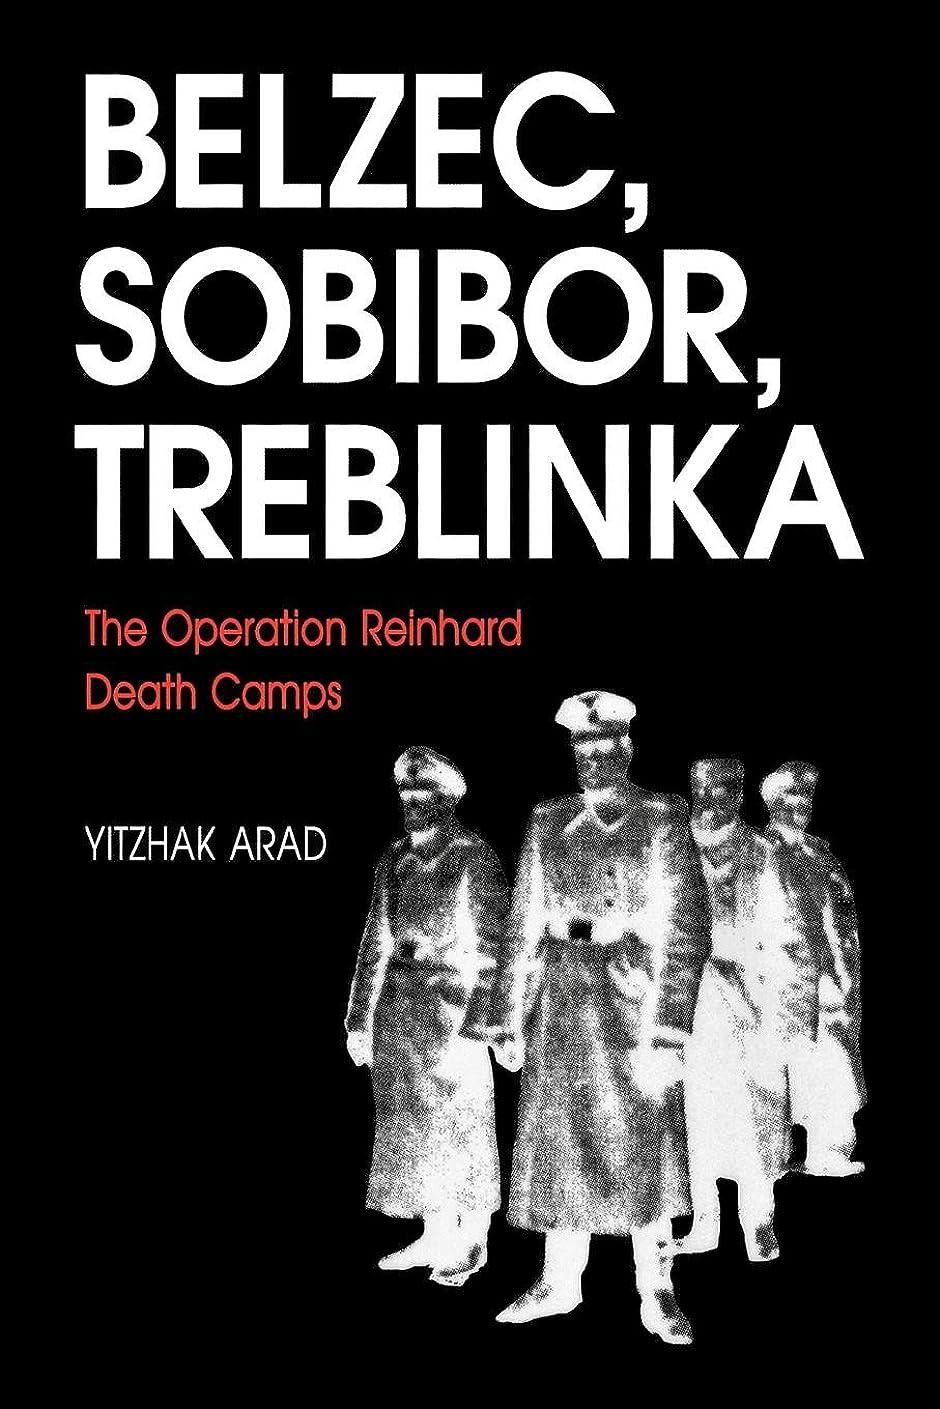 振幅タンク教育するBelzec, Sobibor, Treblinka: The Operation Reinhard Death Camps (English Edition)